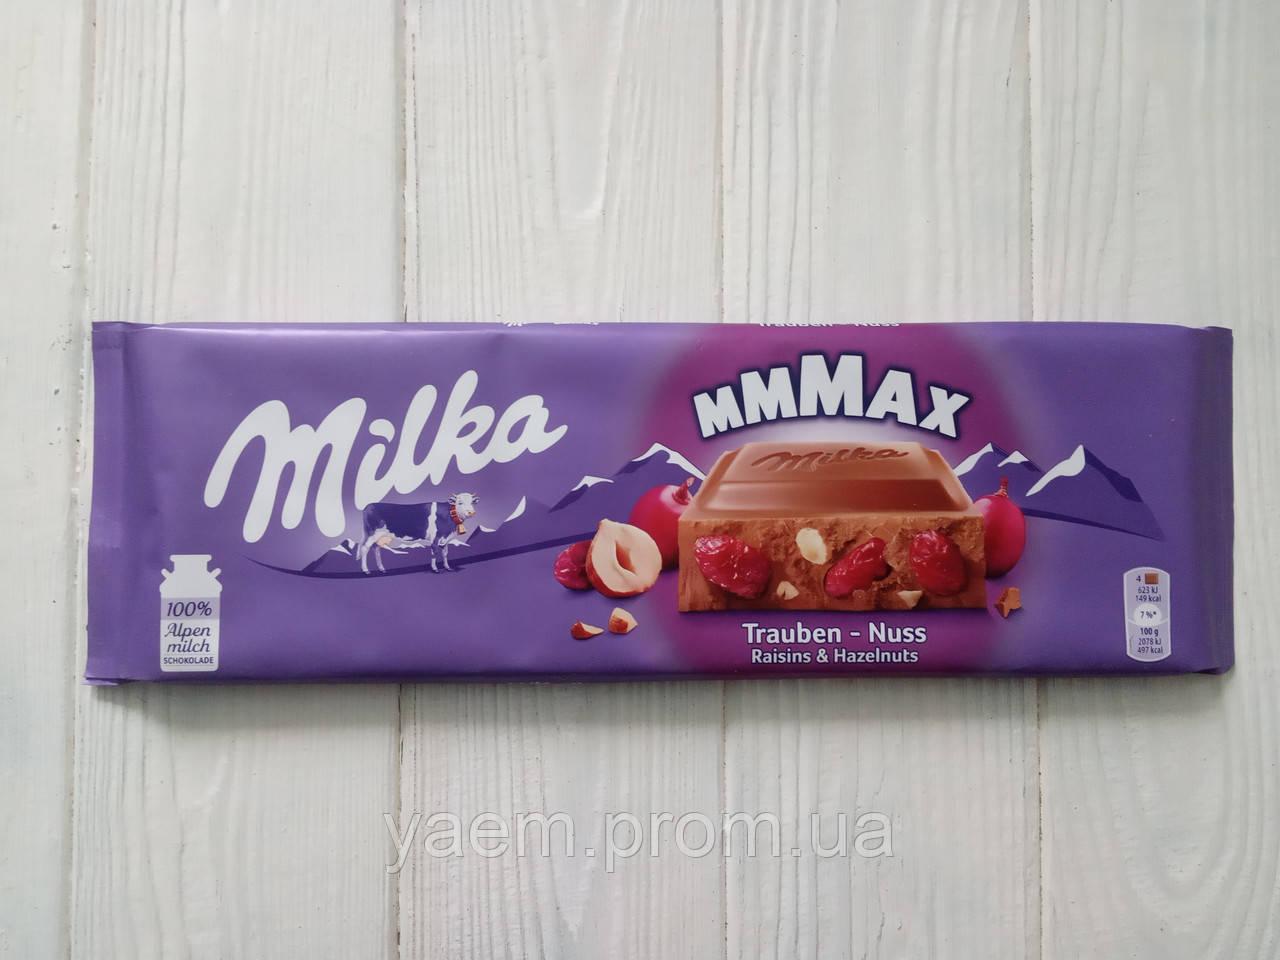 Молочный шоколад Milka Trauben-nuss 270g (Швейцария)